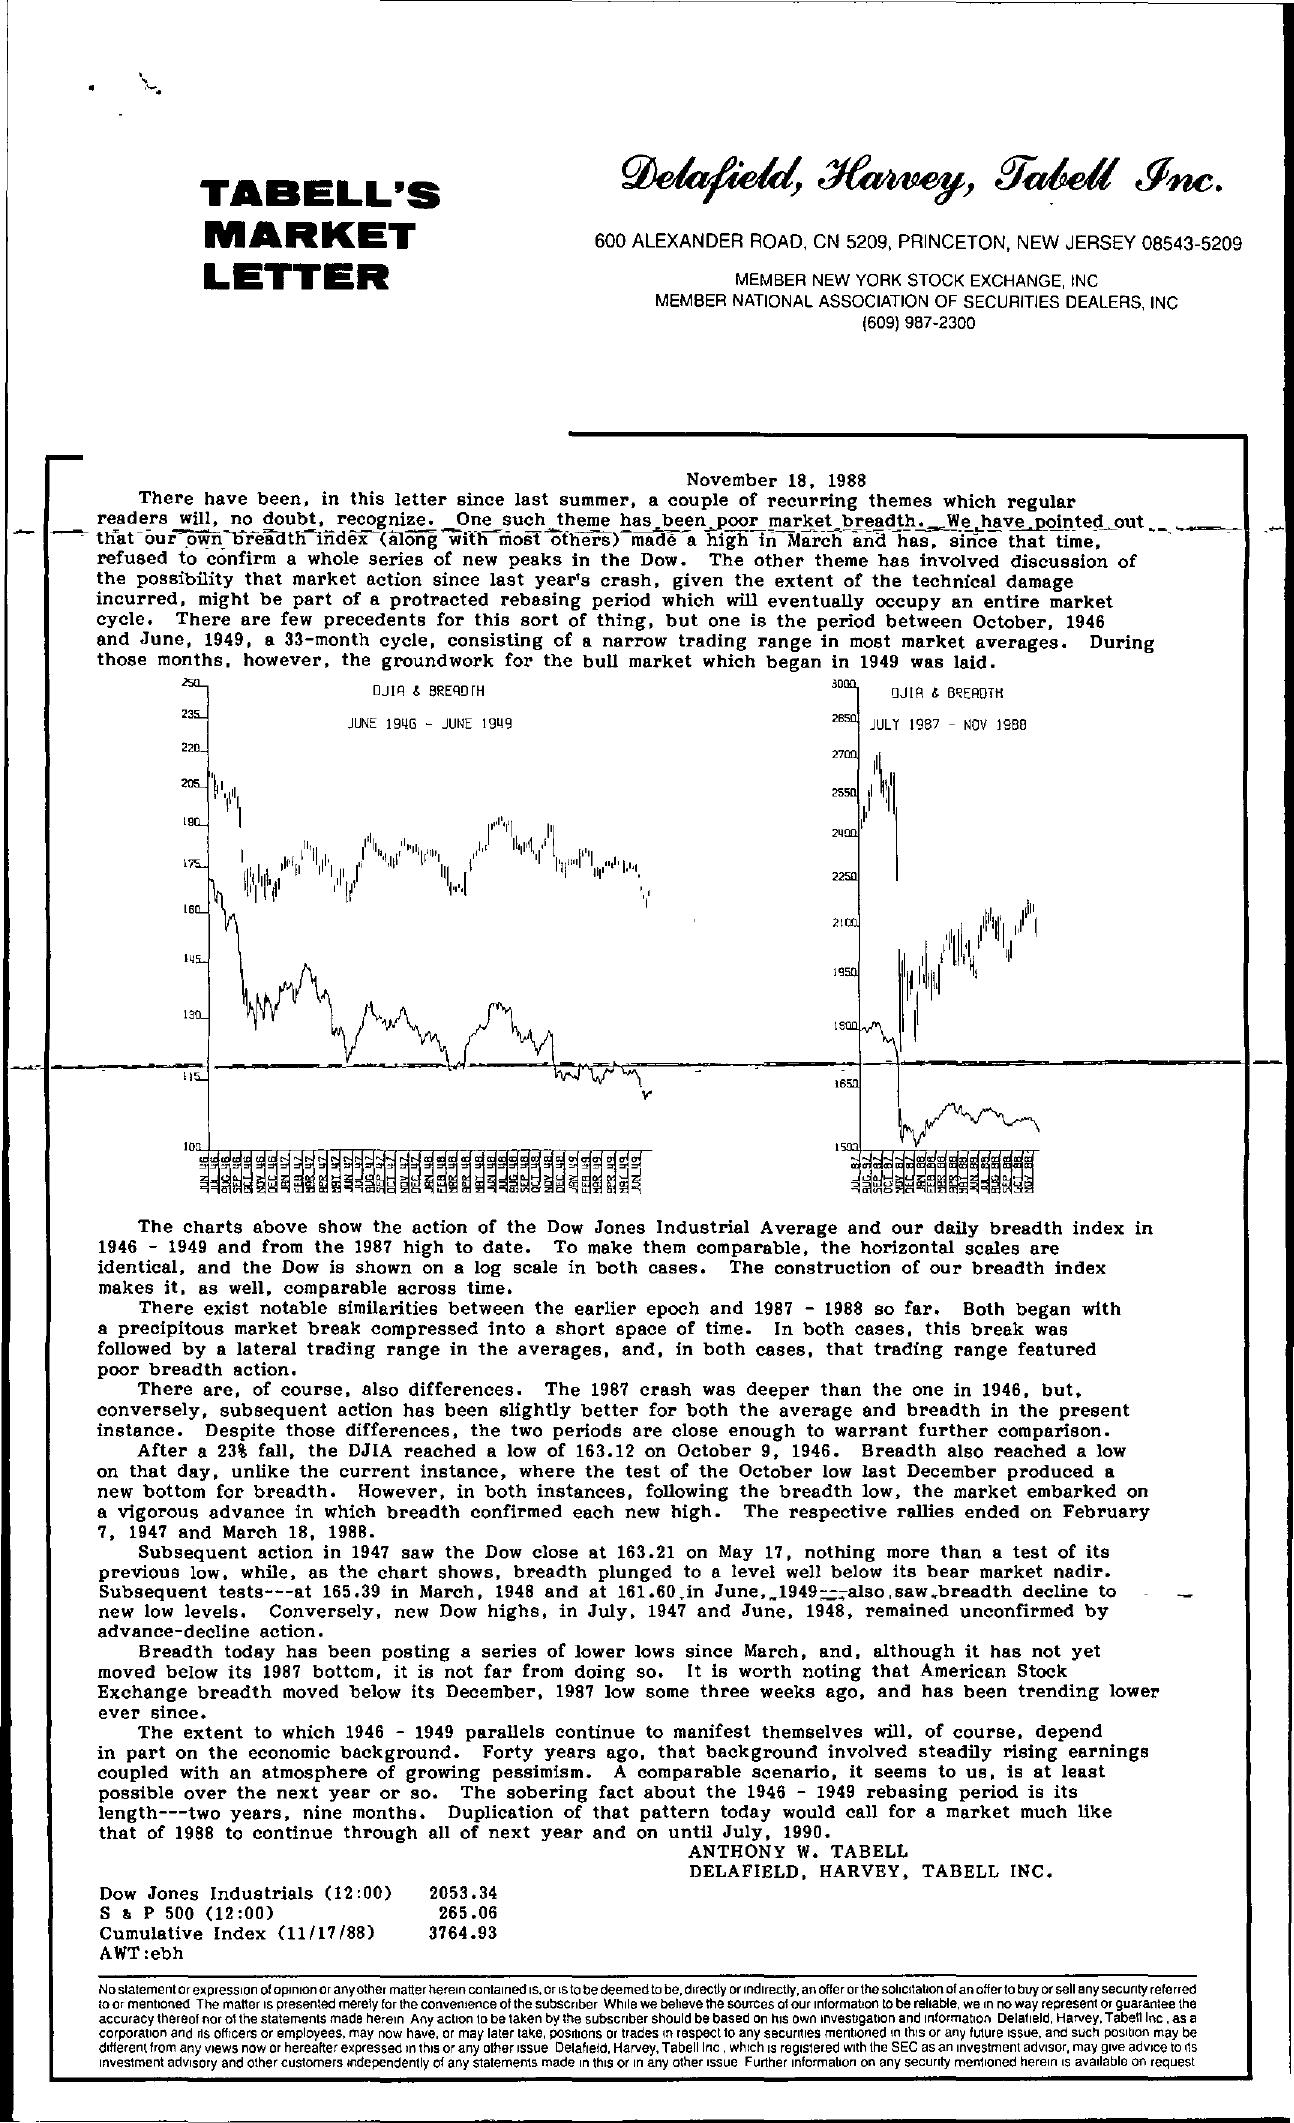 Tabell's Market Letter - November 18, 1988